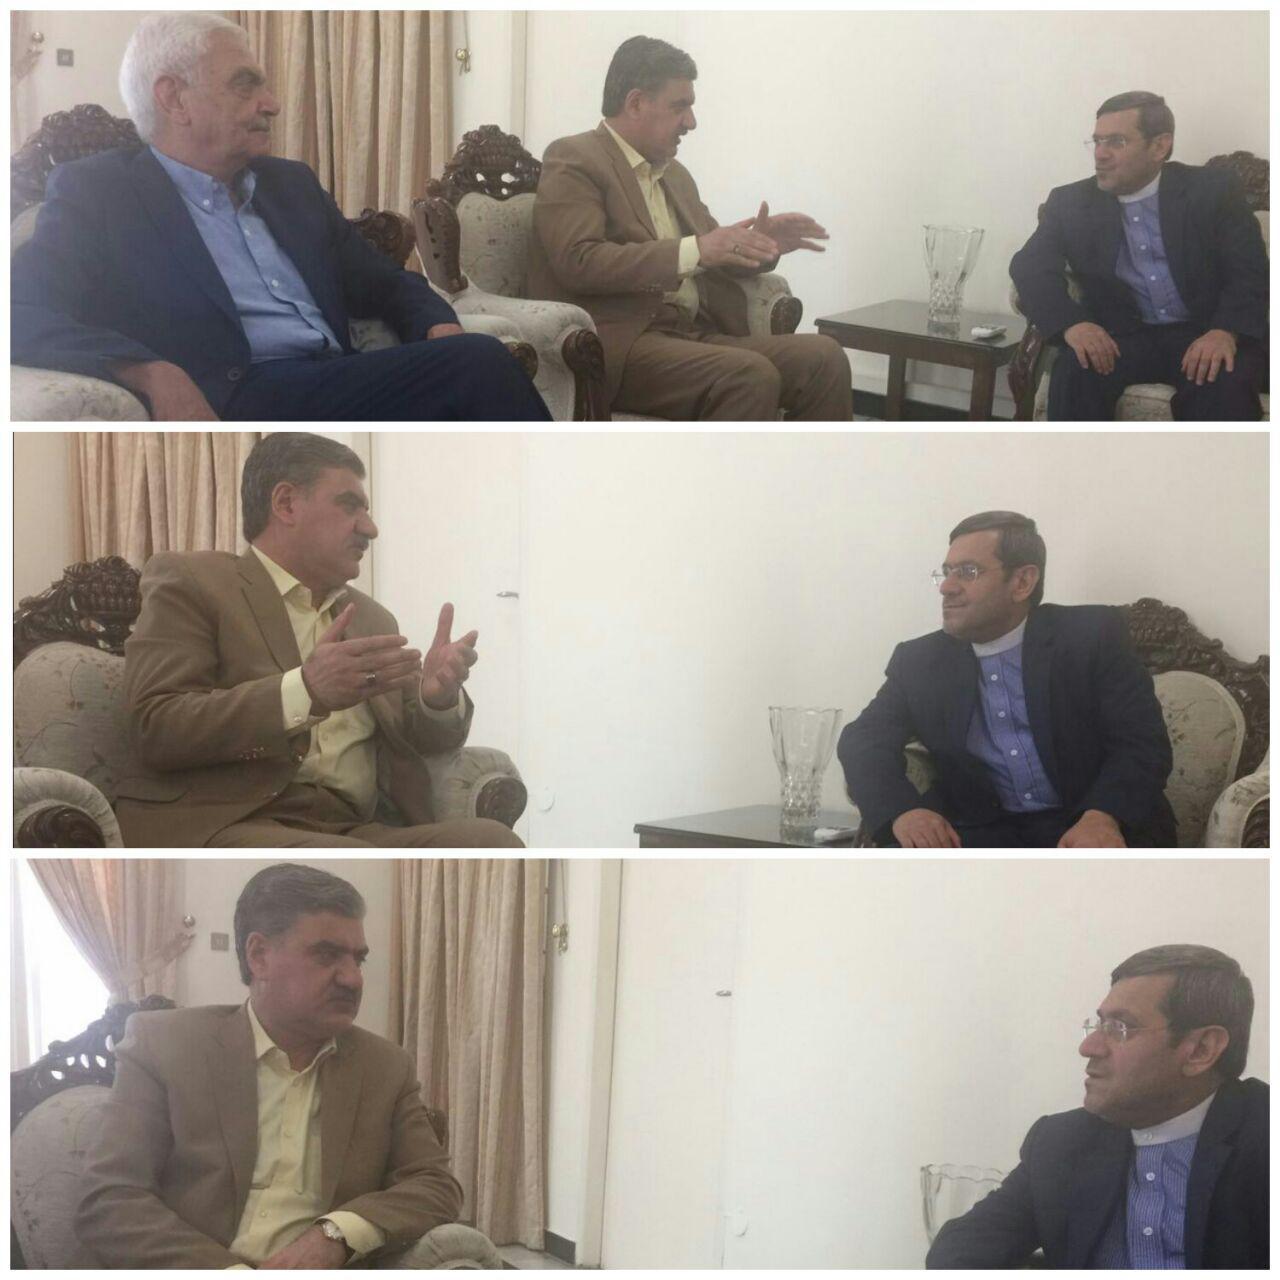 رییسکمیسیون اجتماعی مجلس در دیدار با حسن قشقاوی : سفیران نگاه مناسب اقتصادی داشته باشند